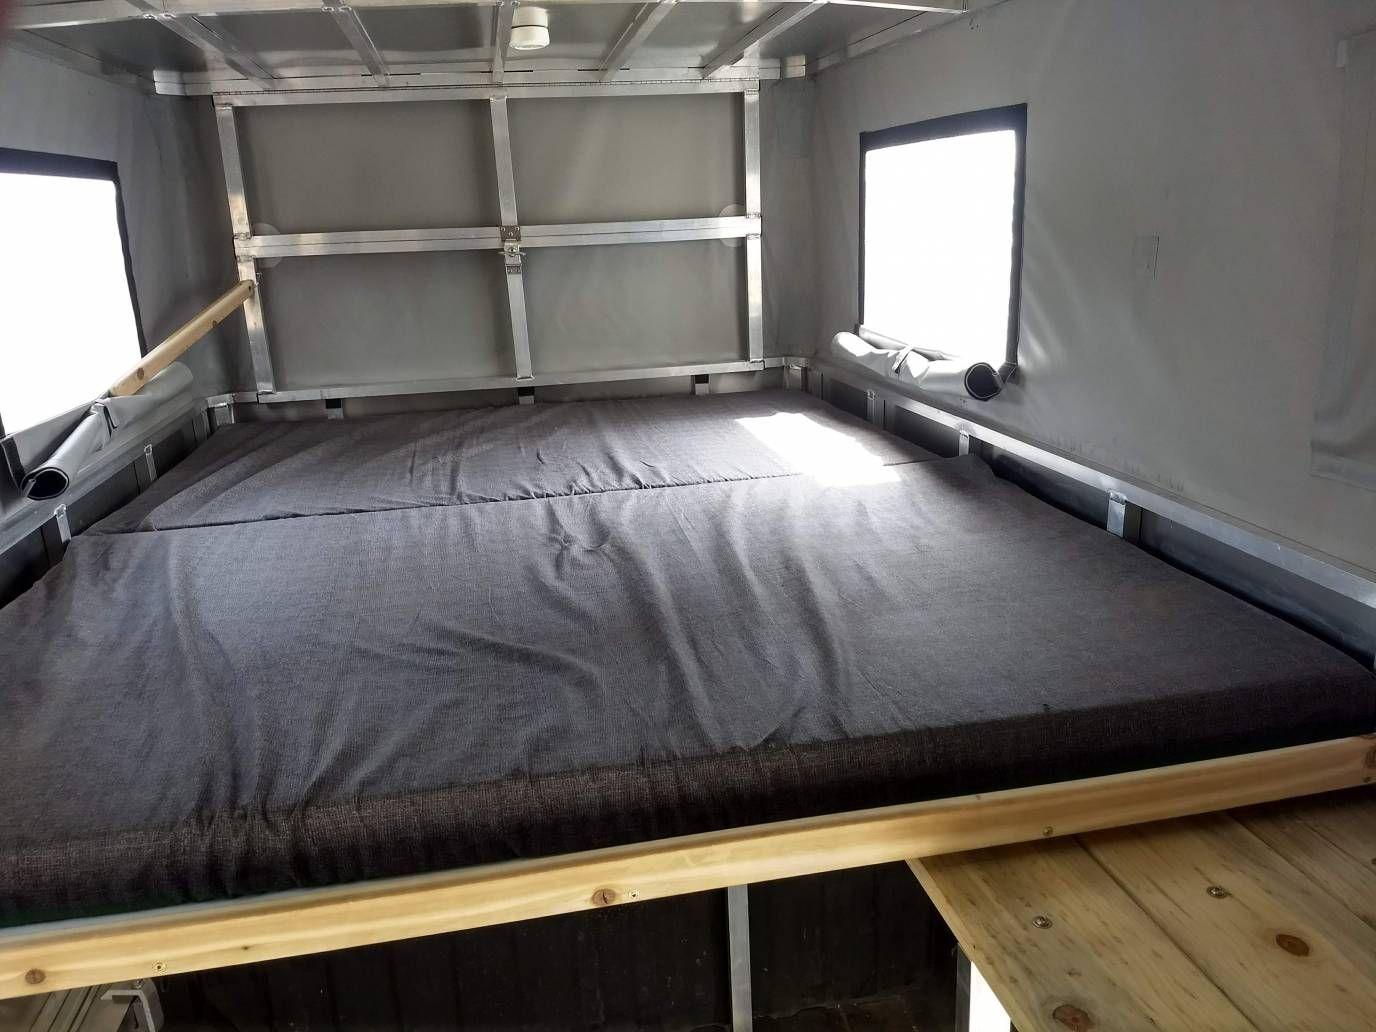 The Lightweight Pop Top Truck Camper Revolution Camper Shells Truck Camper Slide In Truck Campers